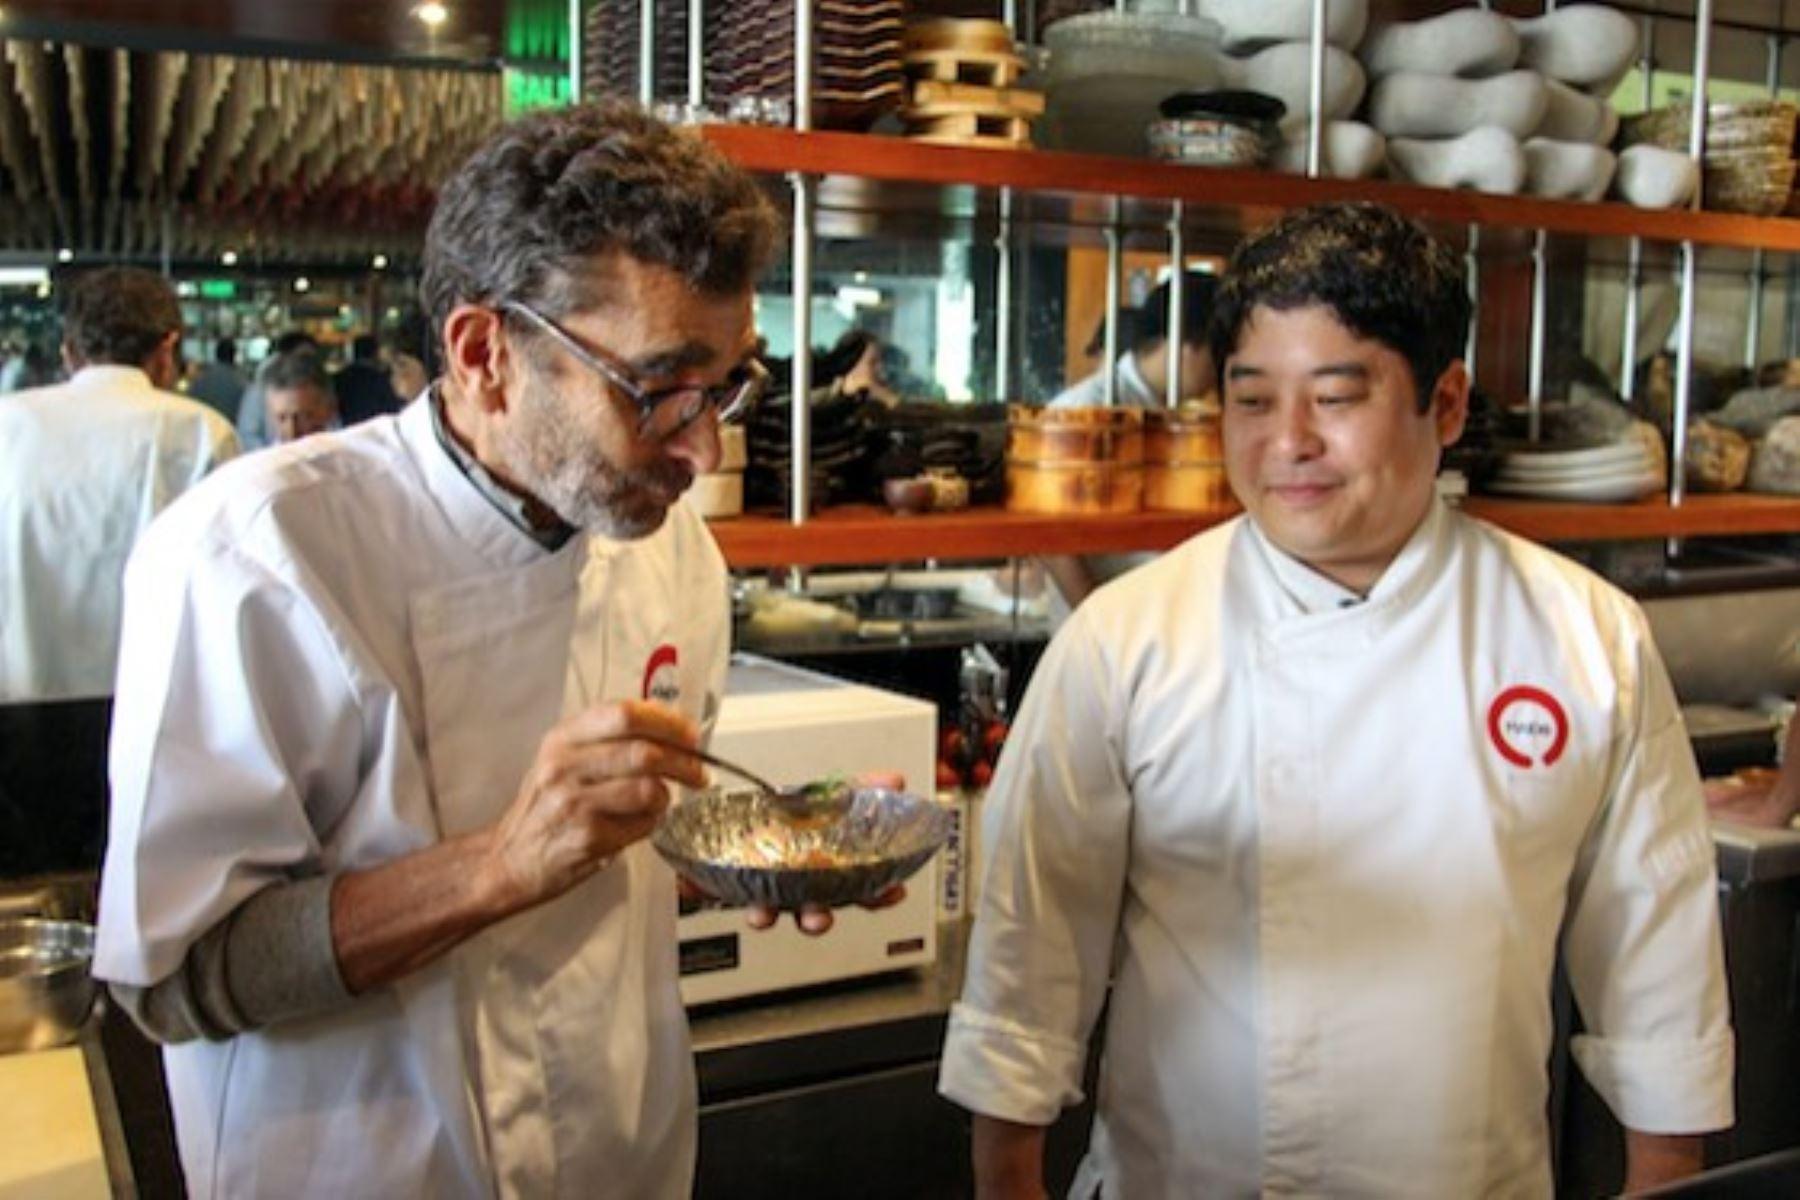 Misha enseña a preparar cebiche a Adolfo Domínguez, famoso diseñador de modas español.